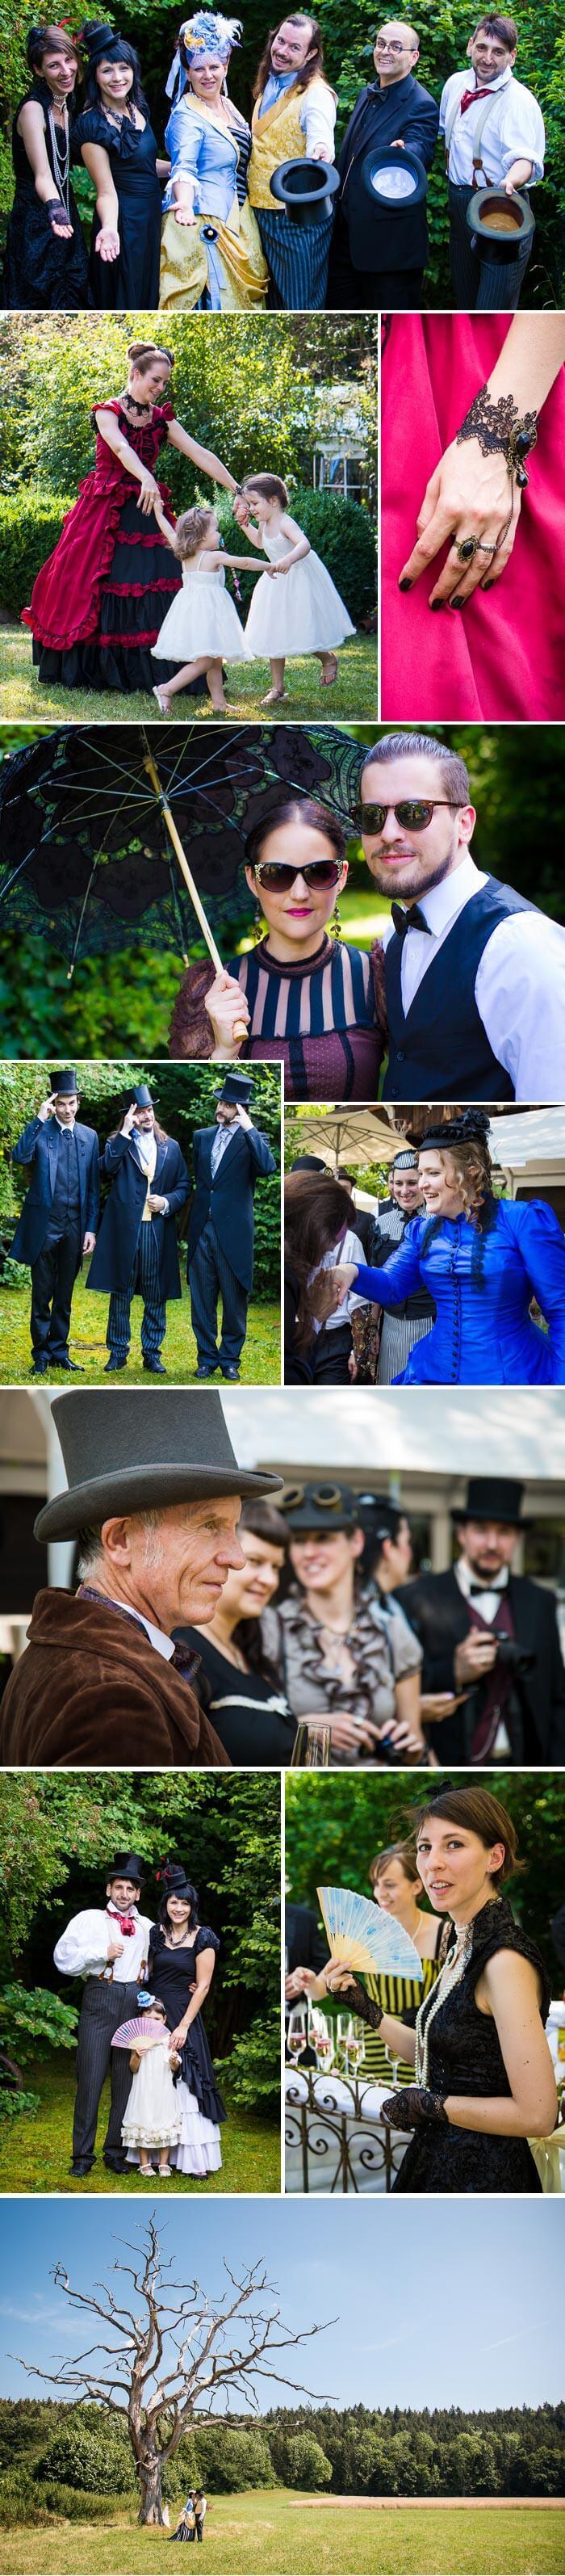 Hochzeit 19. Jahrhundert